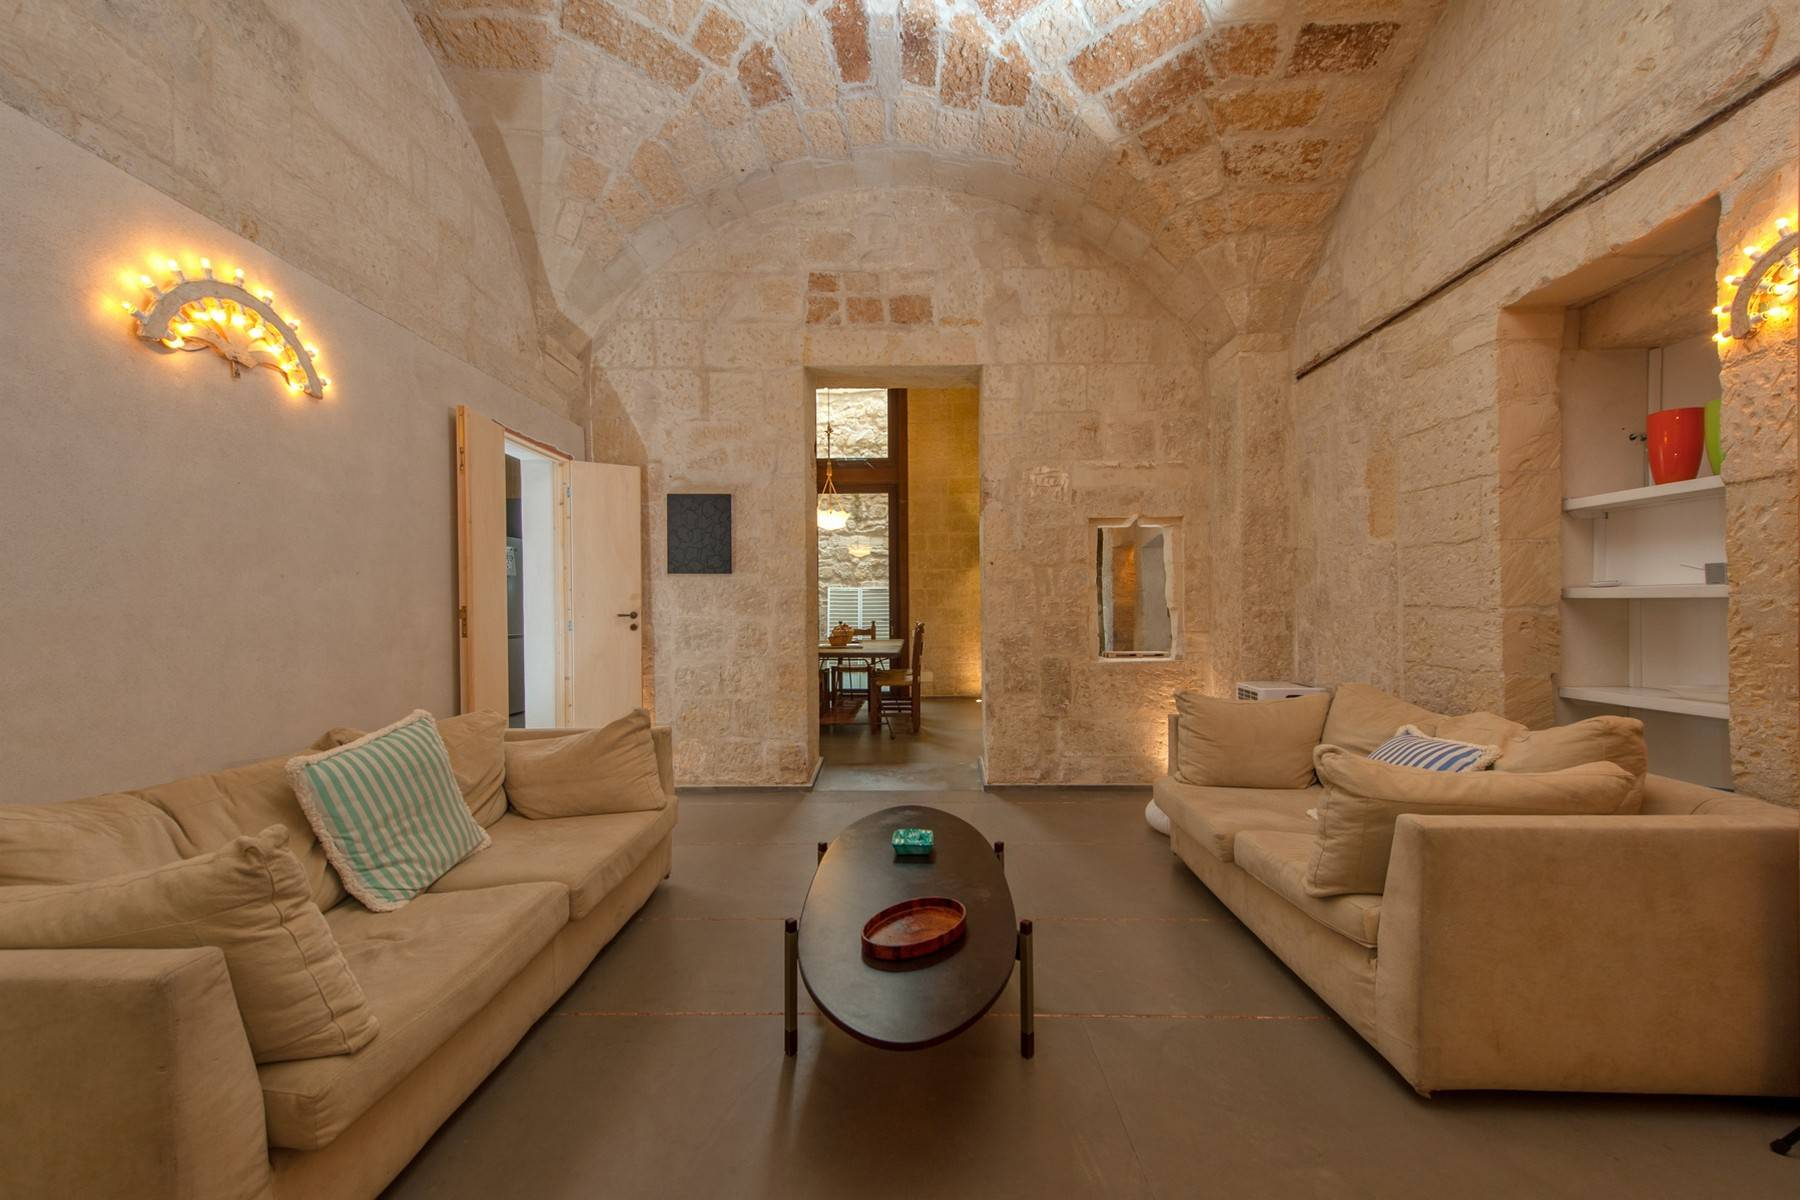 Casa indipendente in Vendita a Lecce: 5 locali, 180 mq - Foto 1